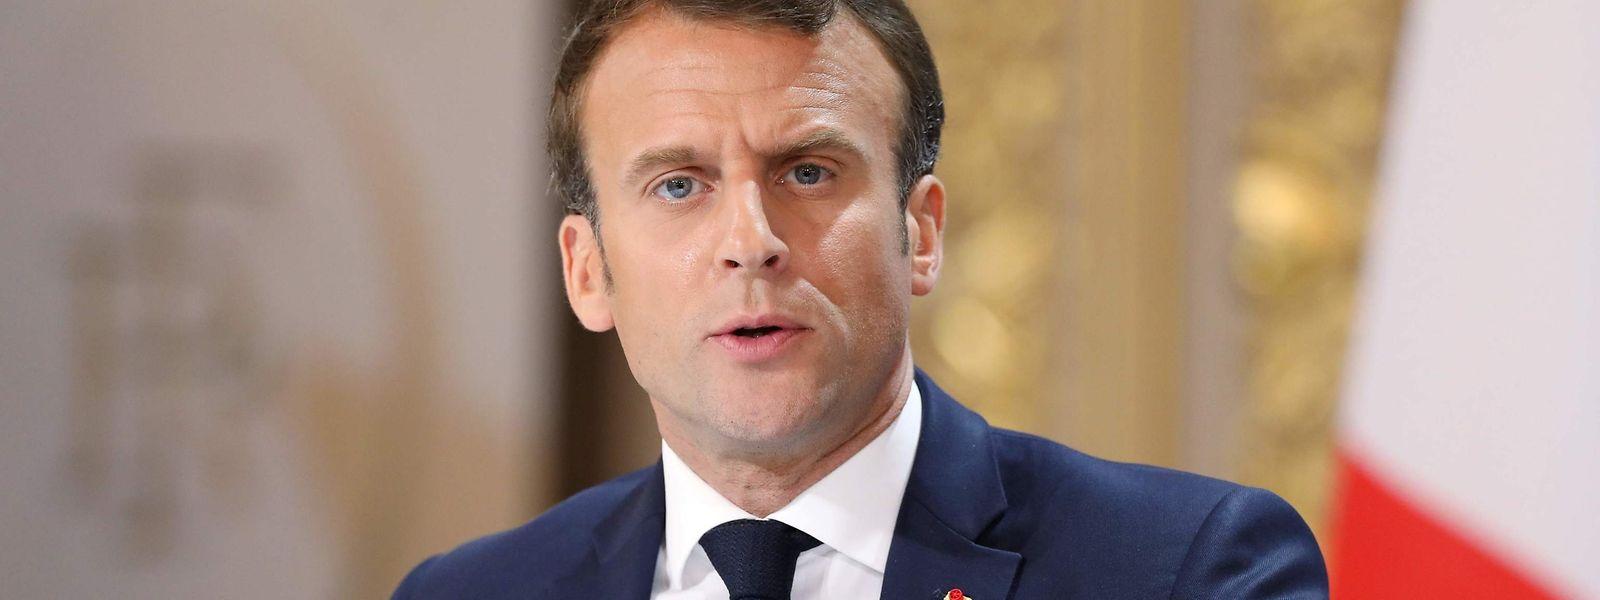 Präsident Emmanuel Macron gibt die Ergebnisse der Bürgerdebatte bekannt.